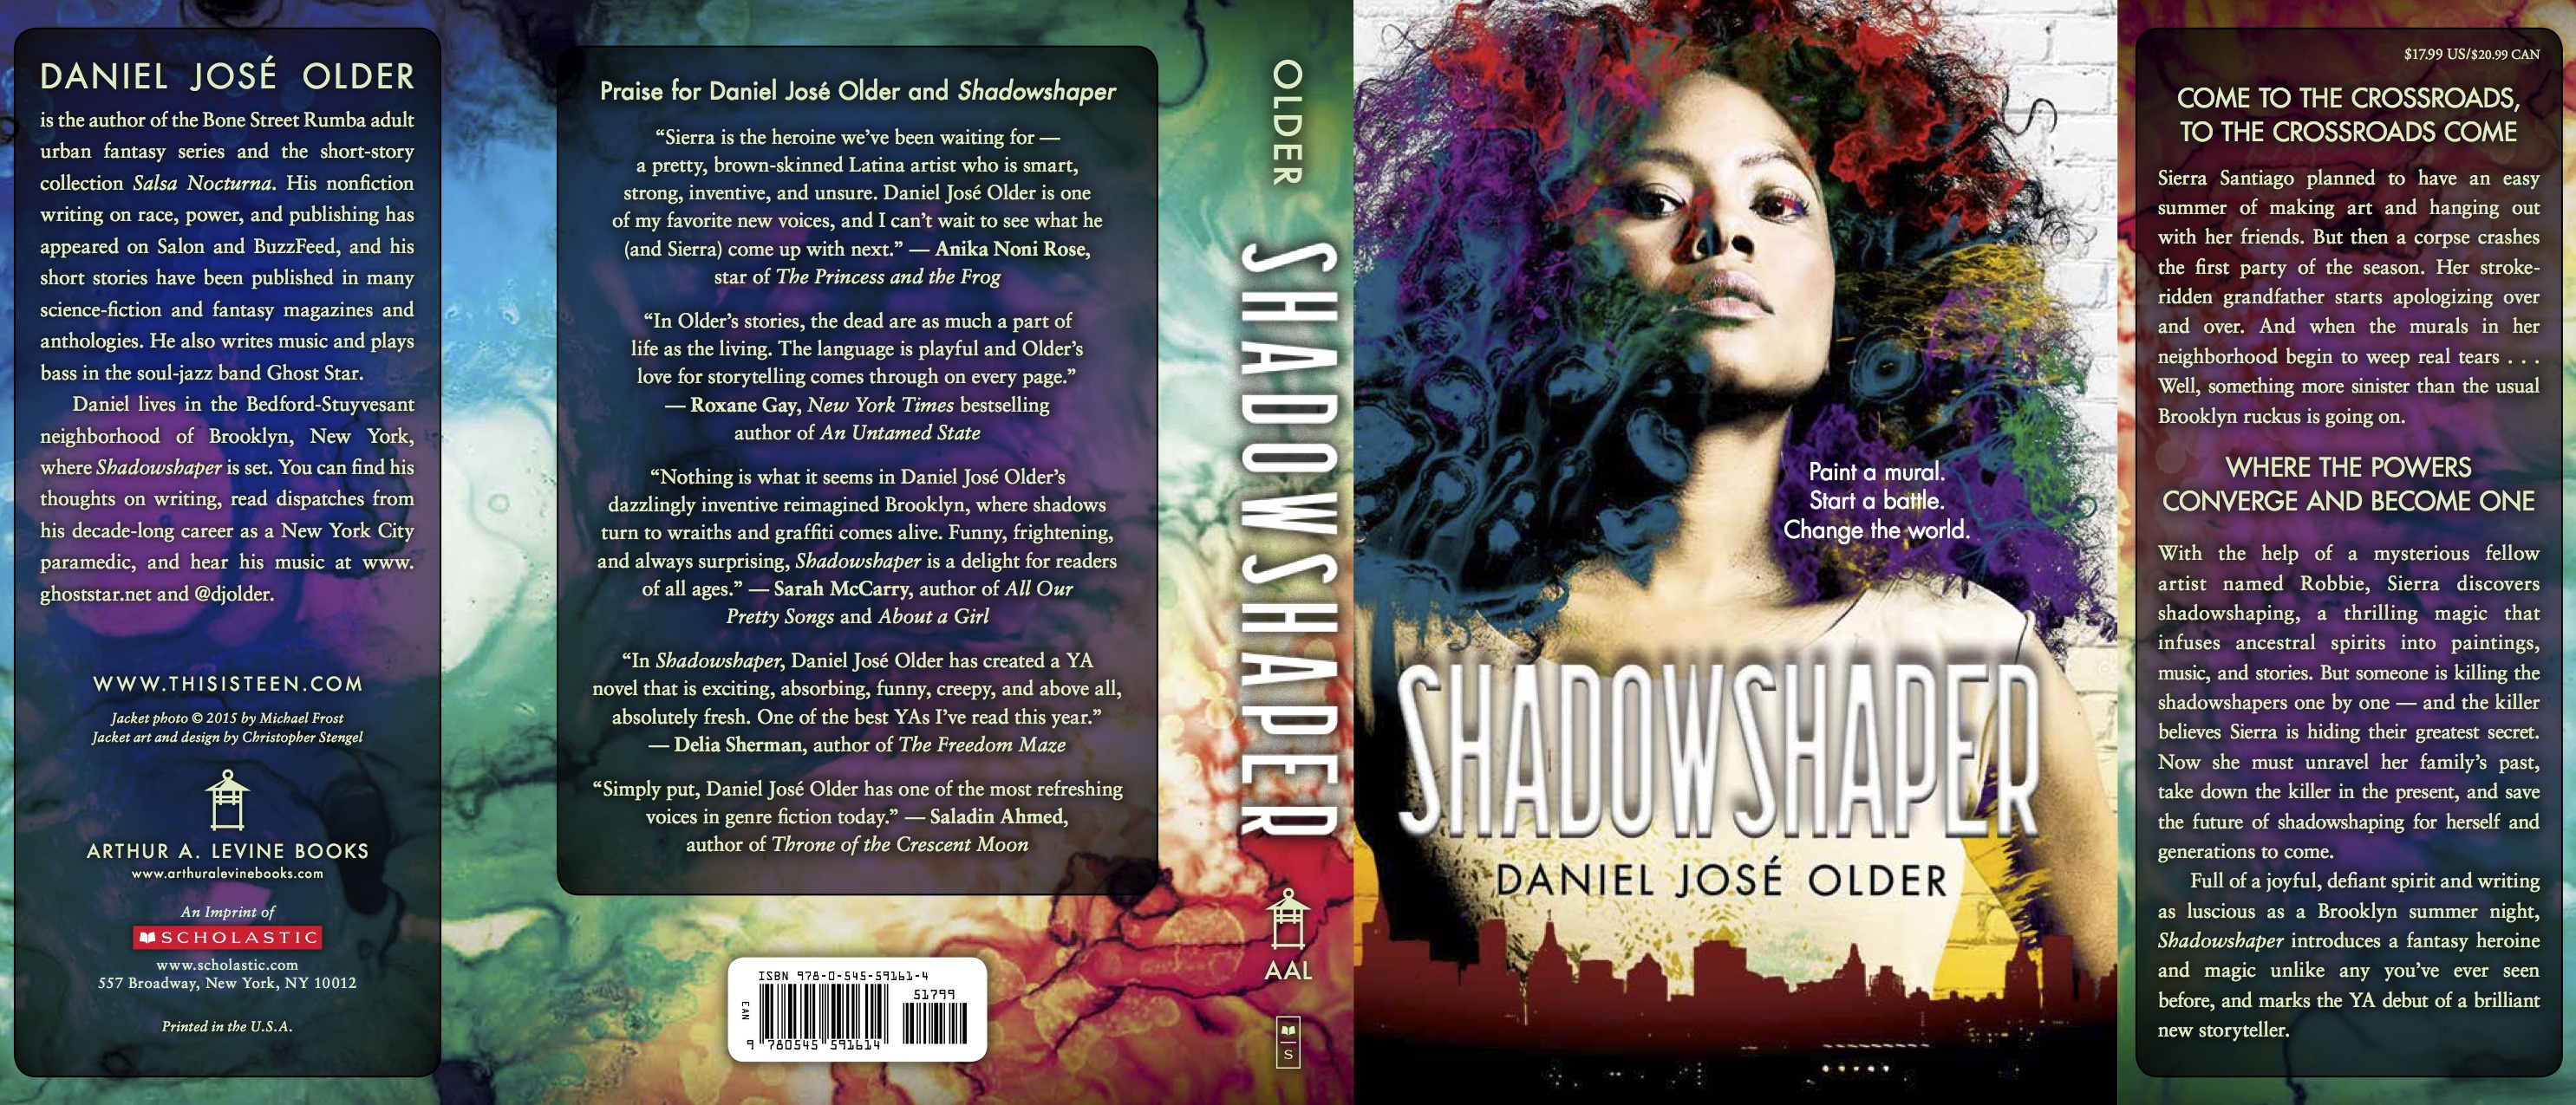 Shadowshaper_jkt